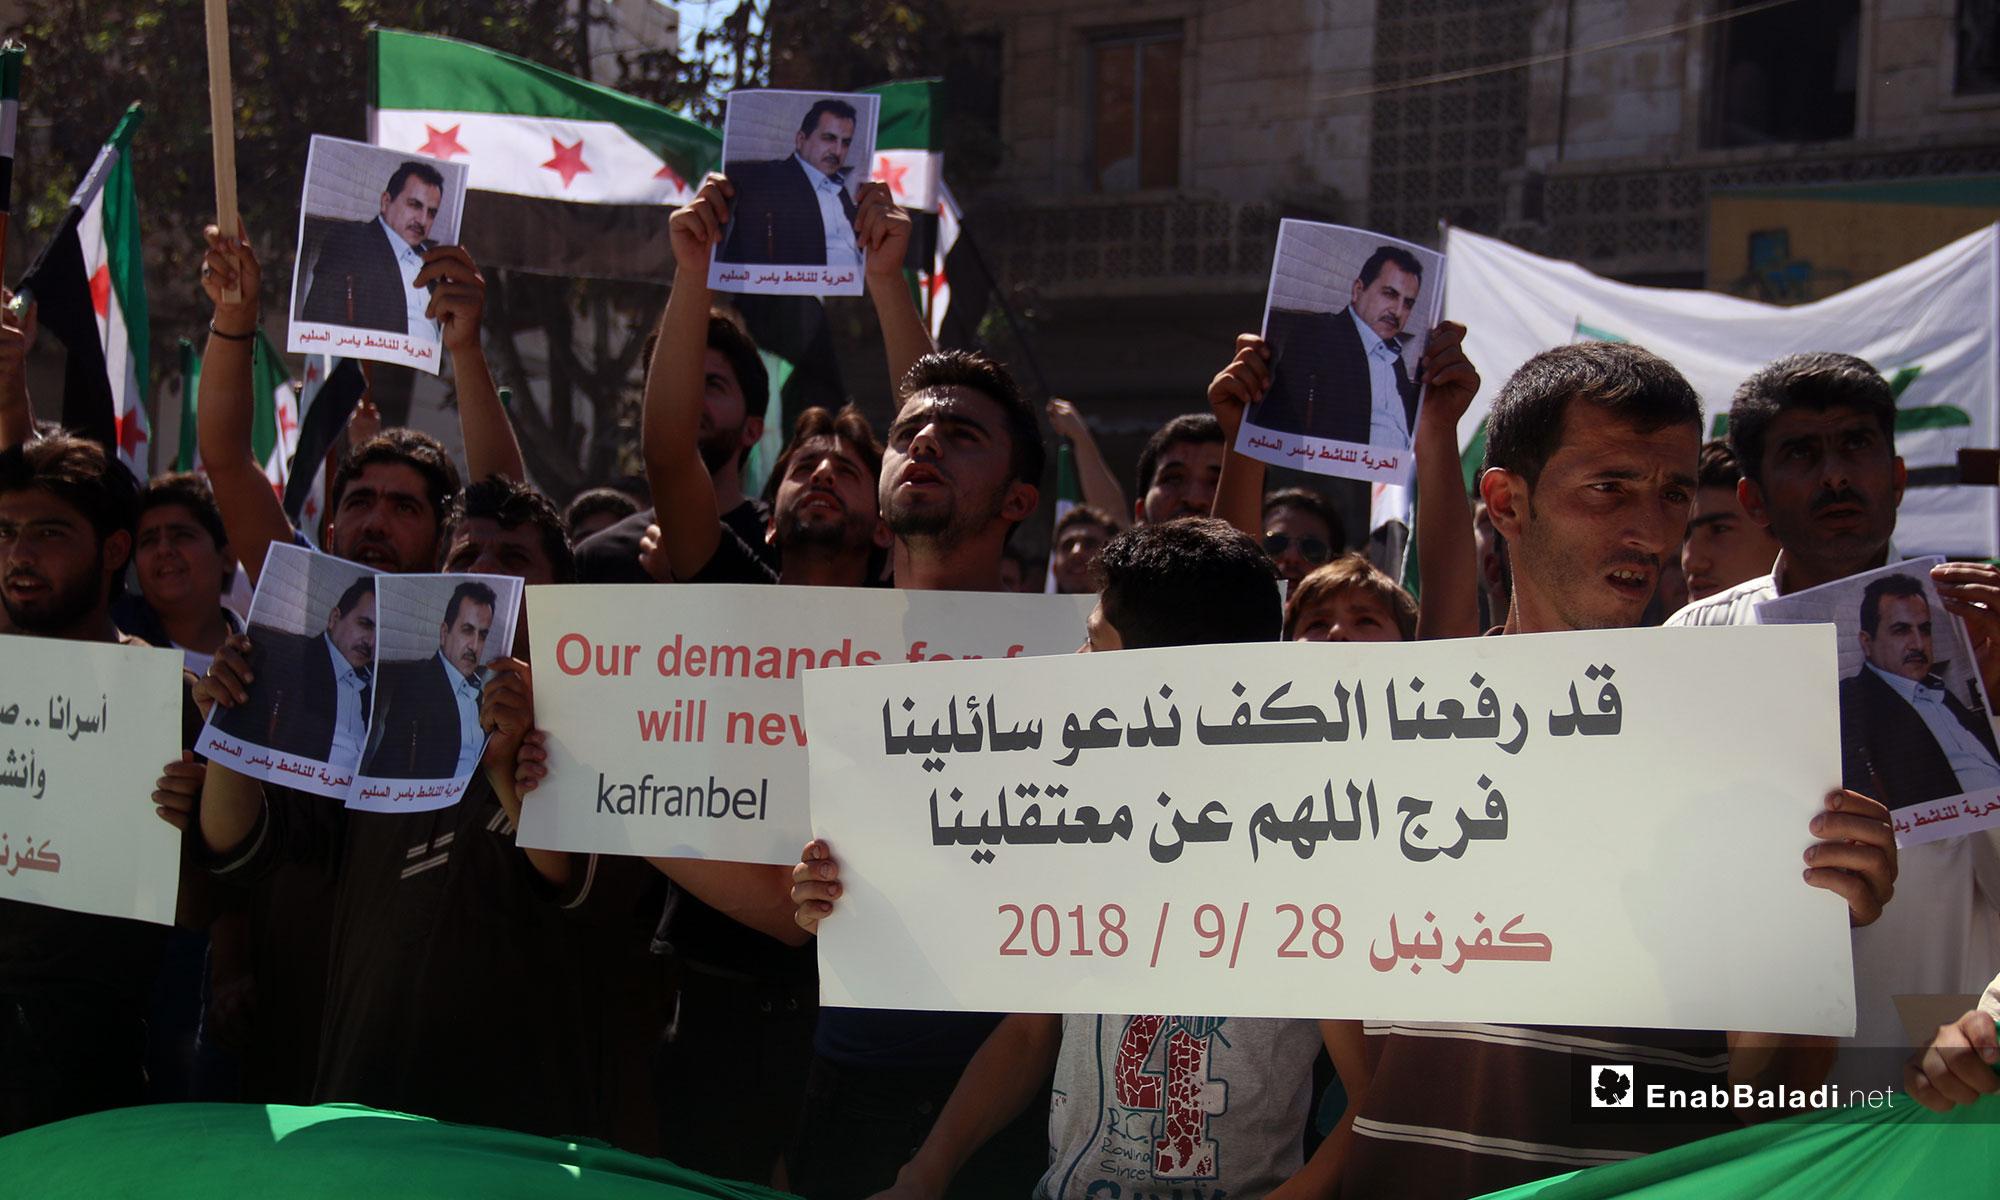 مظاهرات في كفرنبل تطالب بإخراج المعتقلين من سجون النظام - 28 من أيلول 2018 (عنب بلدي)